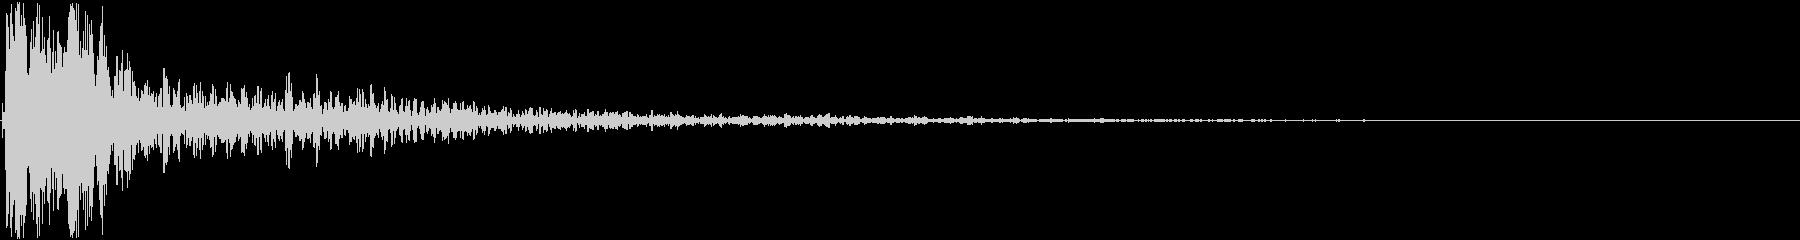 【シネマティック 】 衝撃音_32の未再生の波形